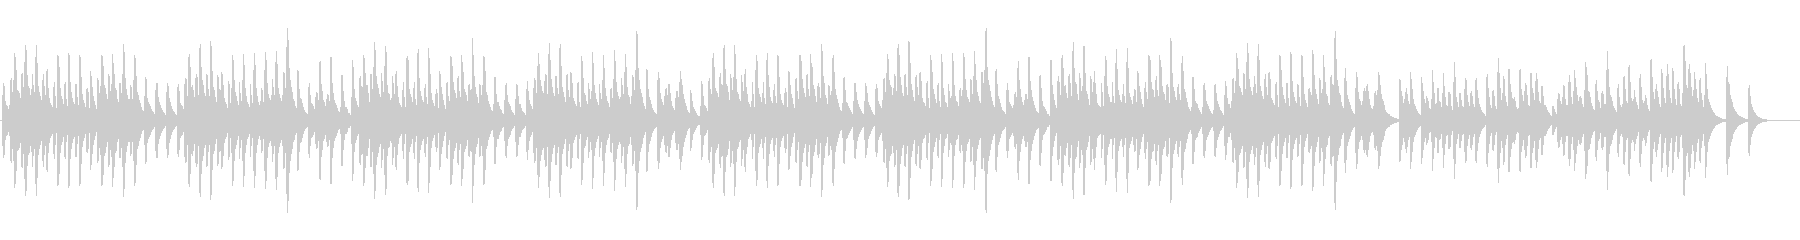 ドヴォルザーク「ユモレスク」のオルゴールの未再生の波形